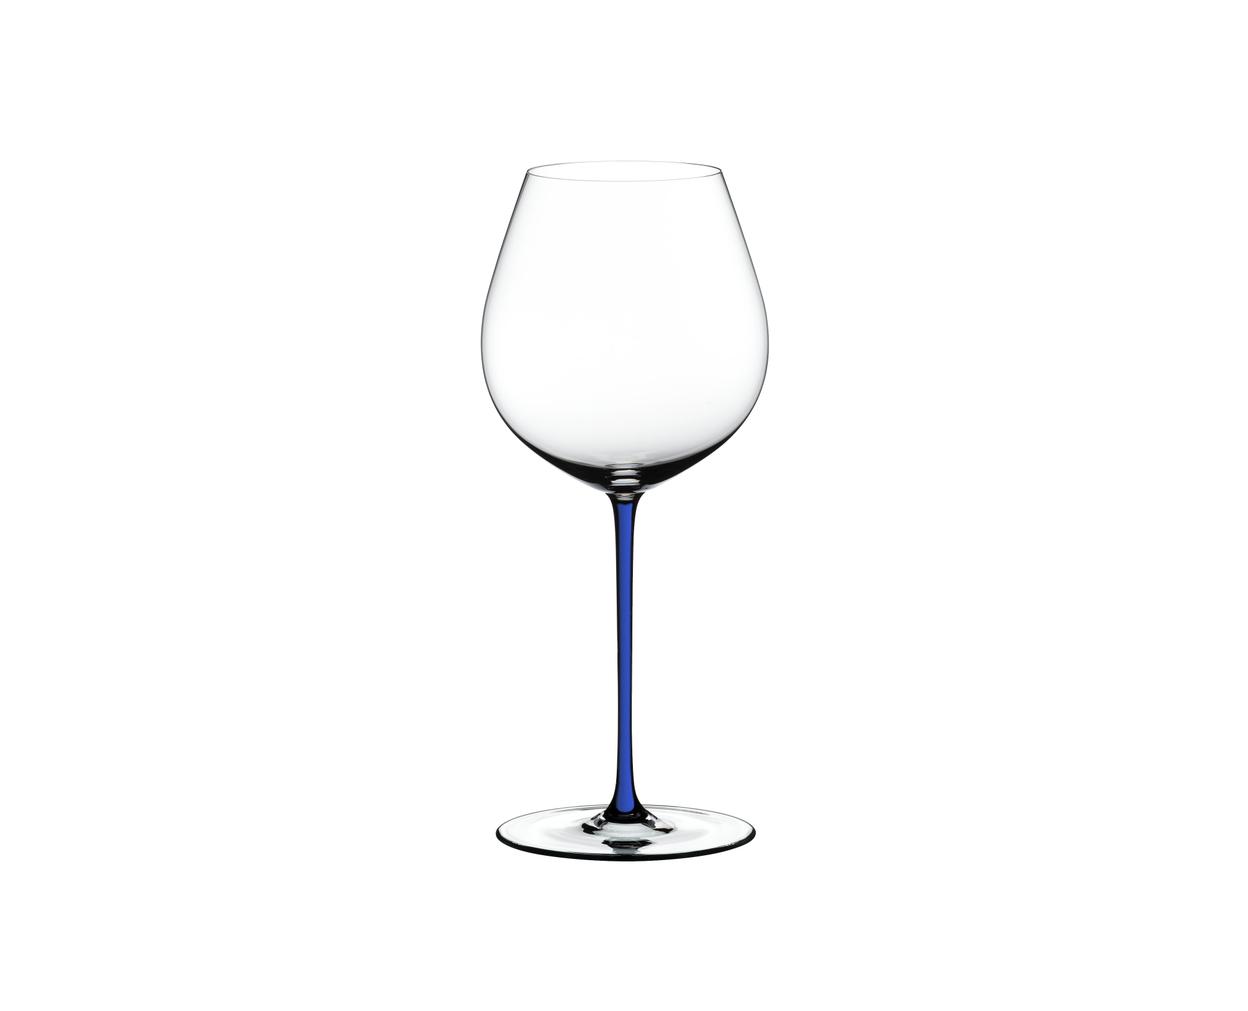 Riedel, Riedel glas, Riedel vinglas